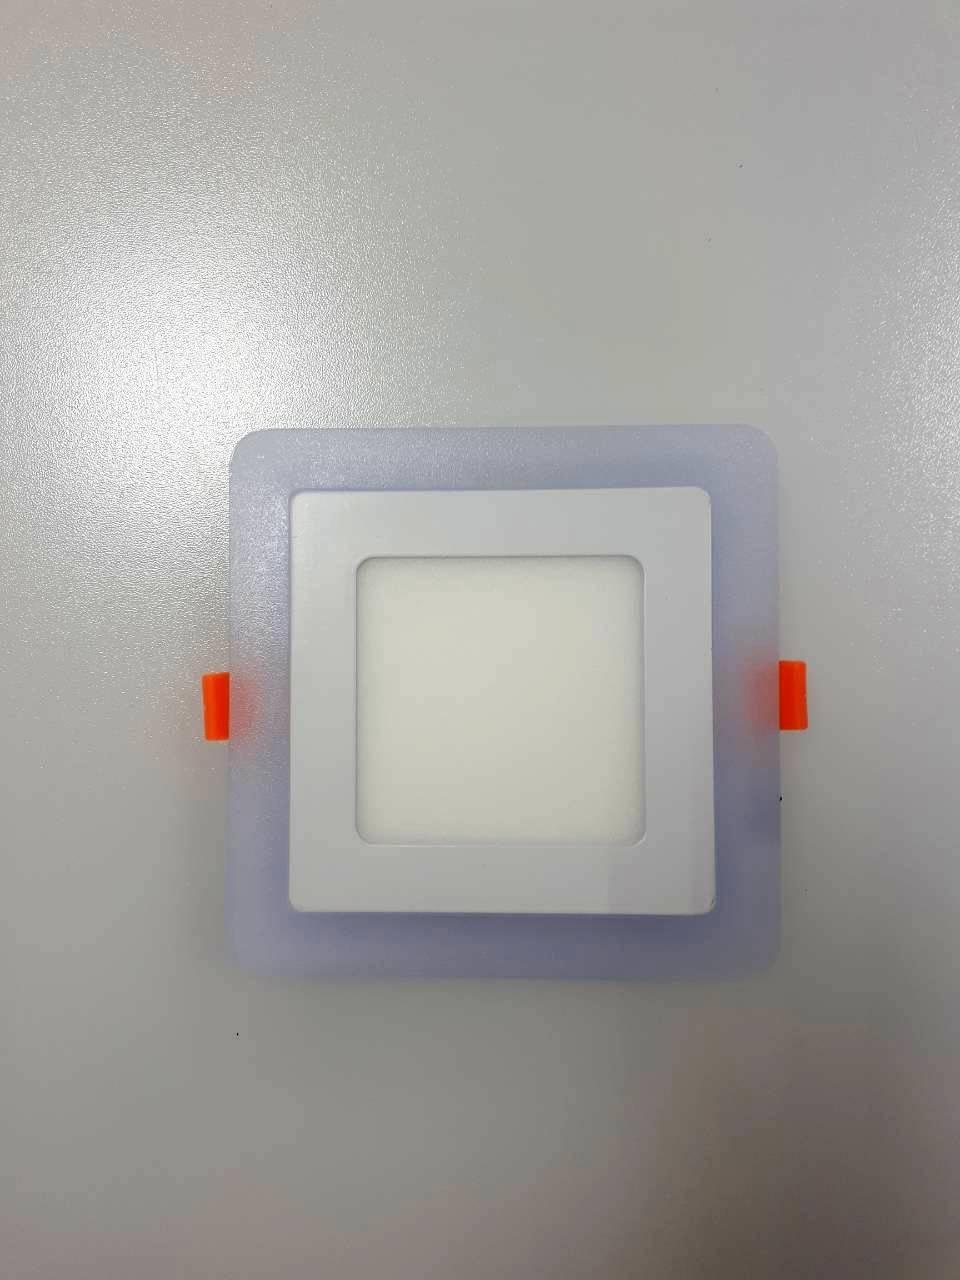 LED панель Lemanso 6+3W  с синей подсветкой 4500K квадрат / LM500